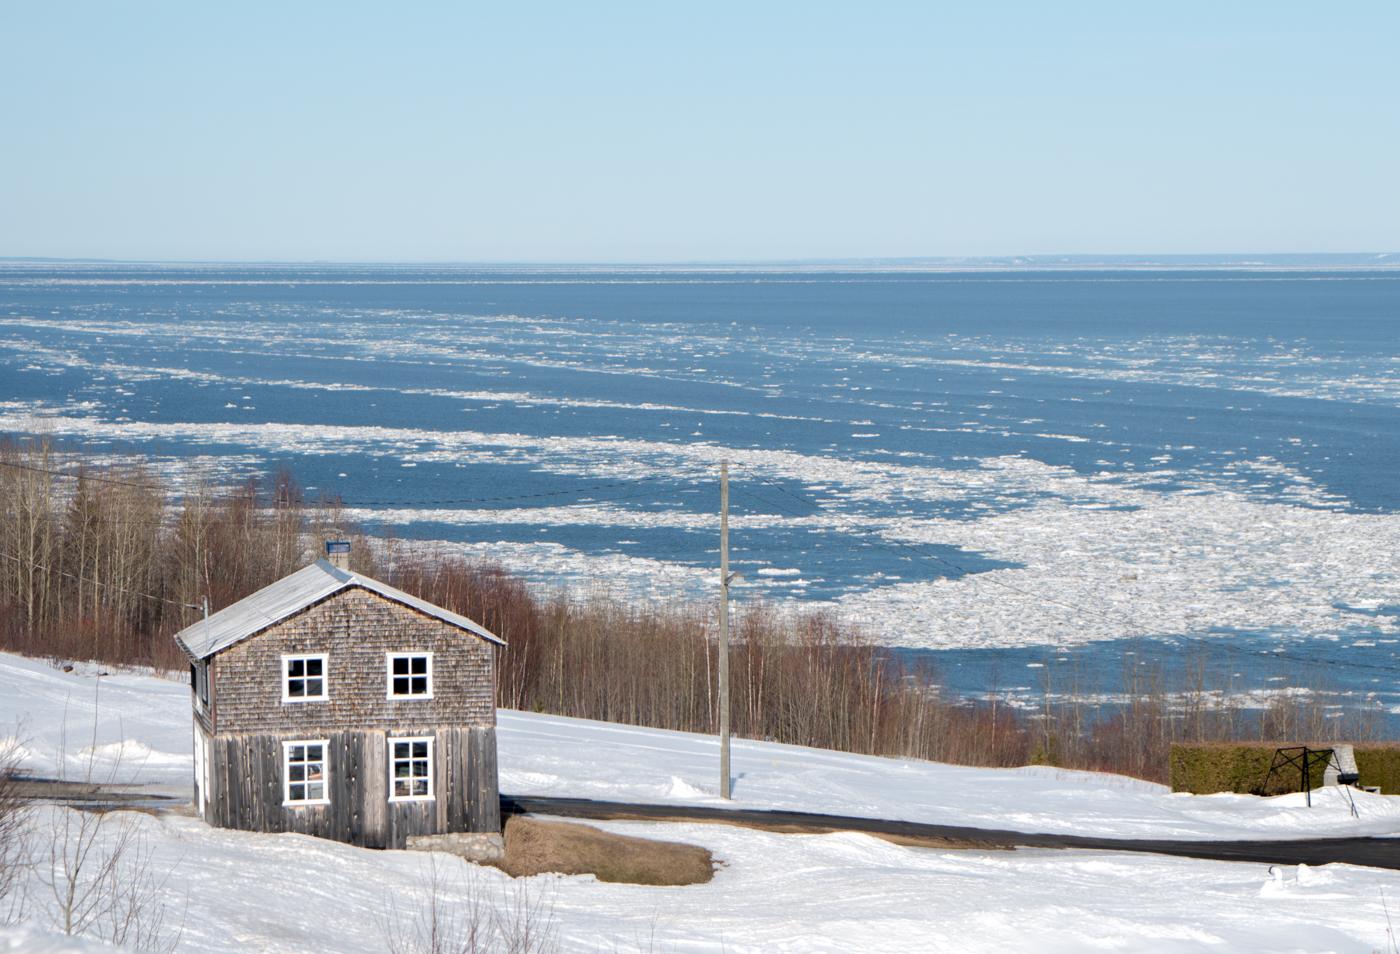 Petite maison blanche dans la neige de l'hiver de Charlevoix